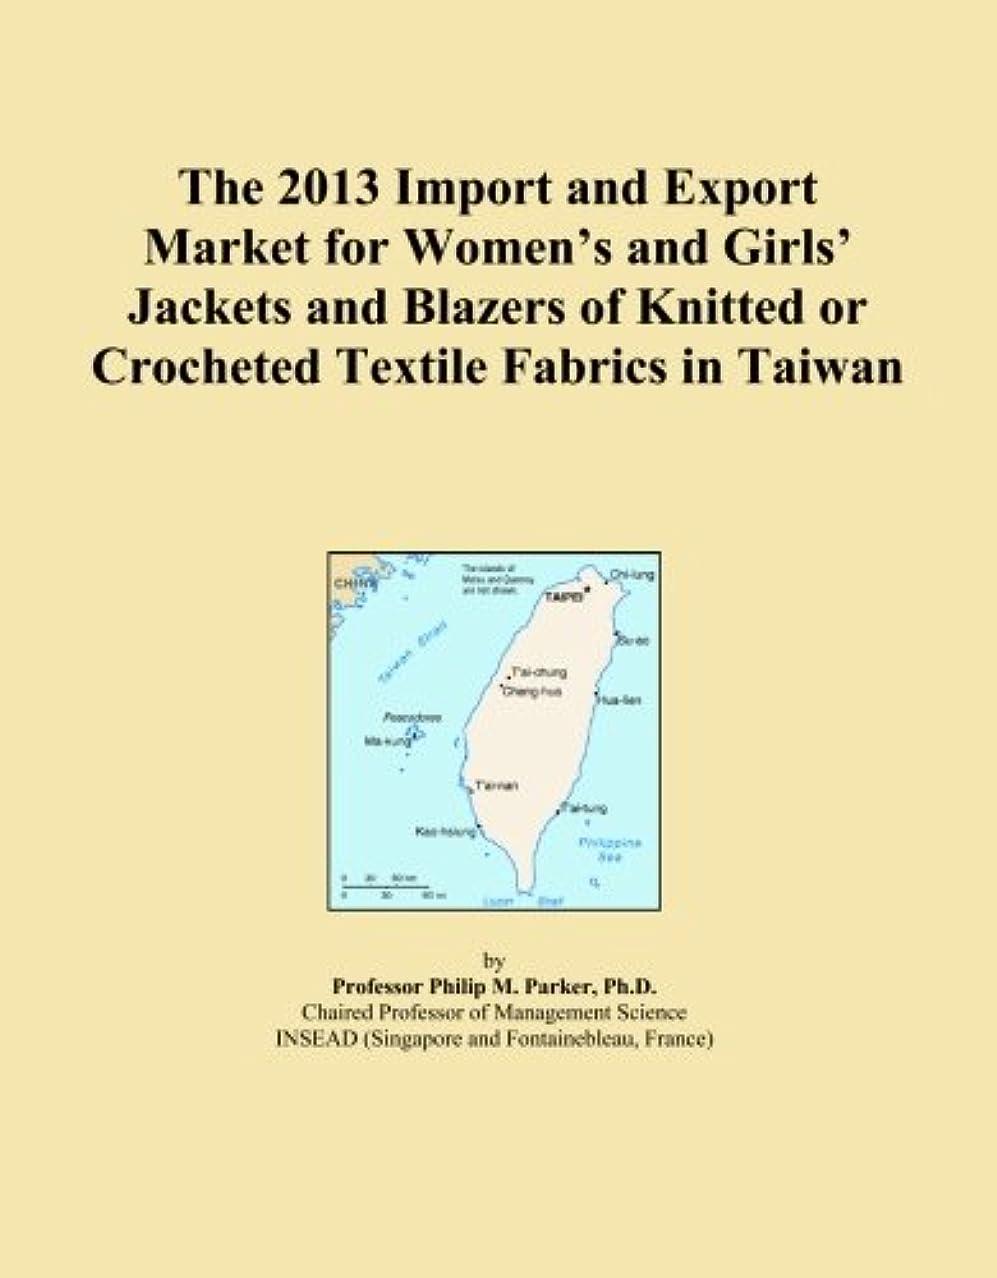 ちょっと待って優先権想像力豊かなThe 2013 Import and Export Market for Women's and Girls' Jackets and Blazers of Knitted or Crocheted Textile Fabrics in Taiwan